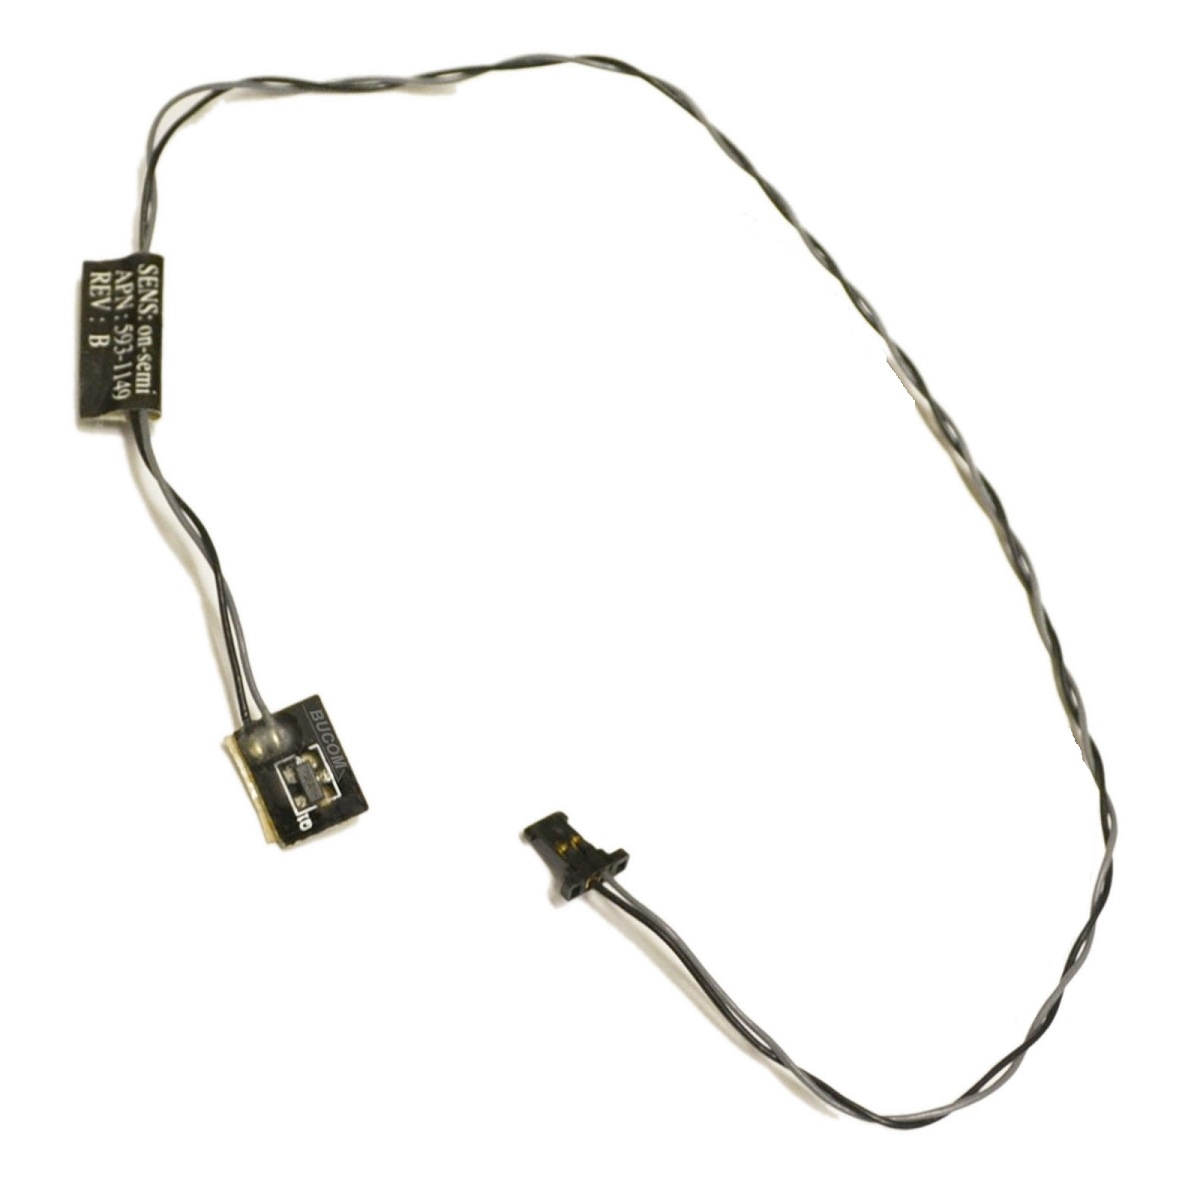 10pcs lot Optical Drive DVD ODD Temperature Temp Sensor Cable For iMac 27 A1312 2009 2010